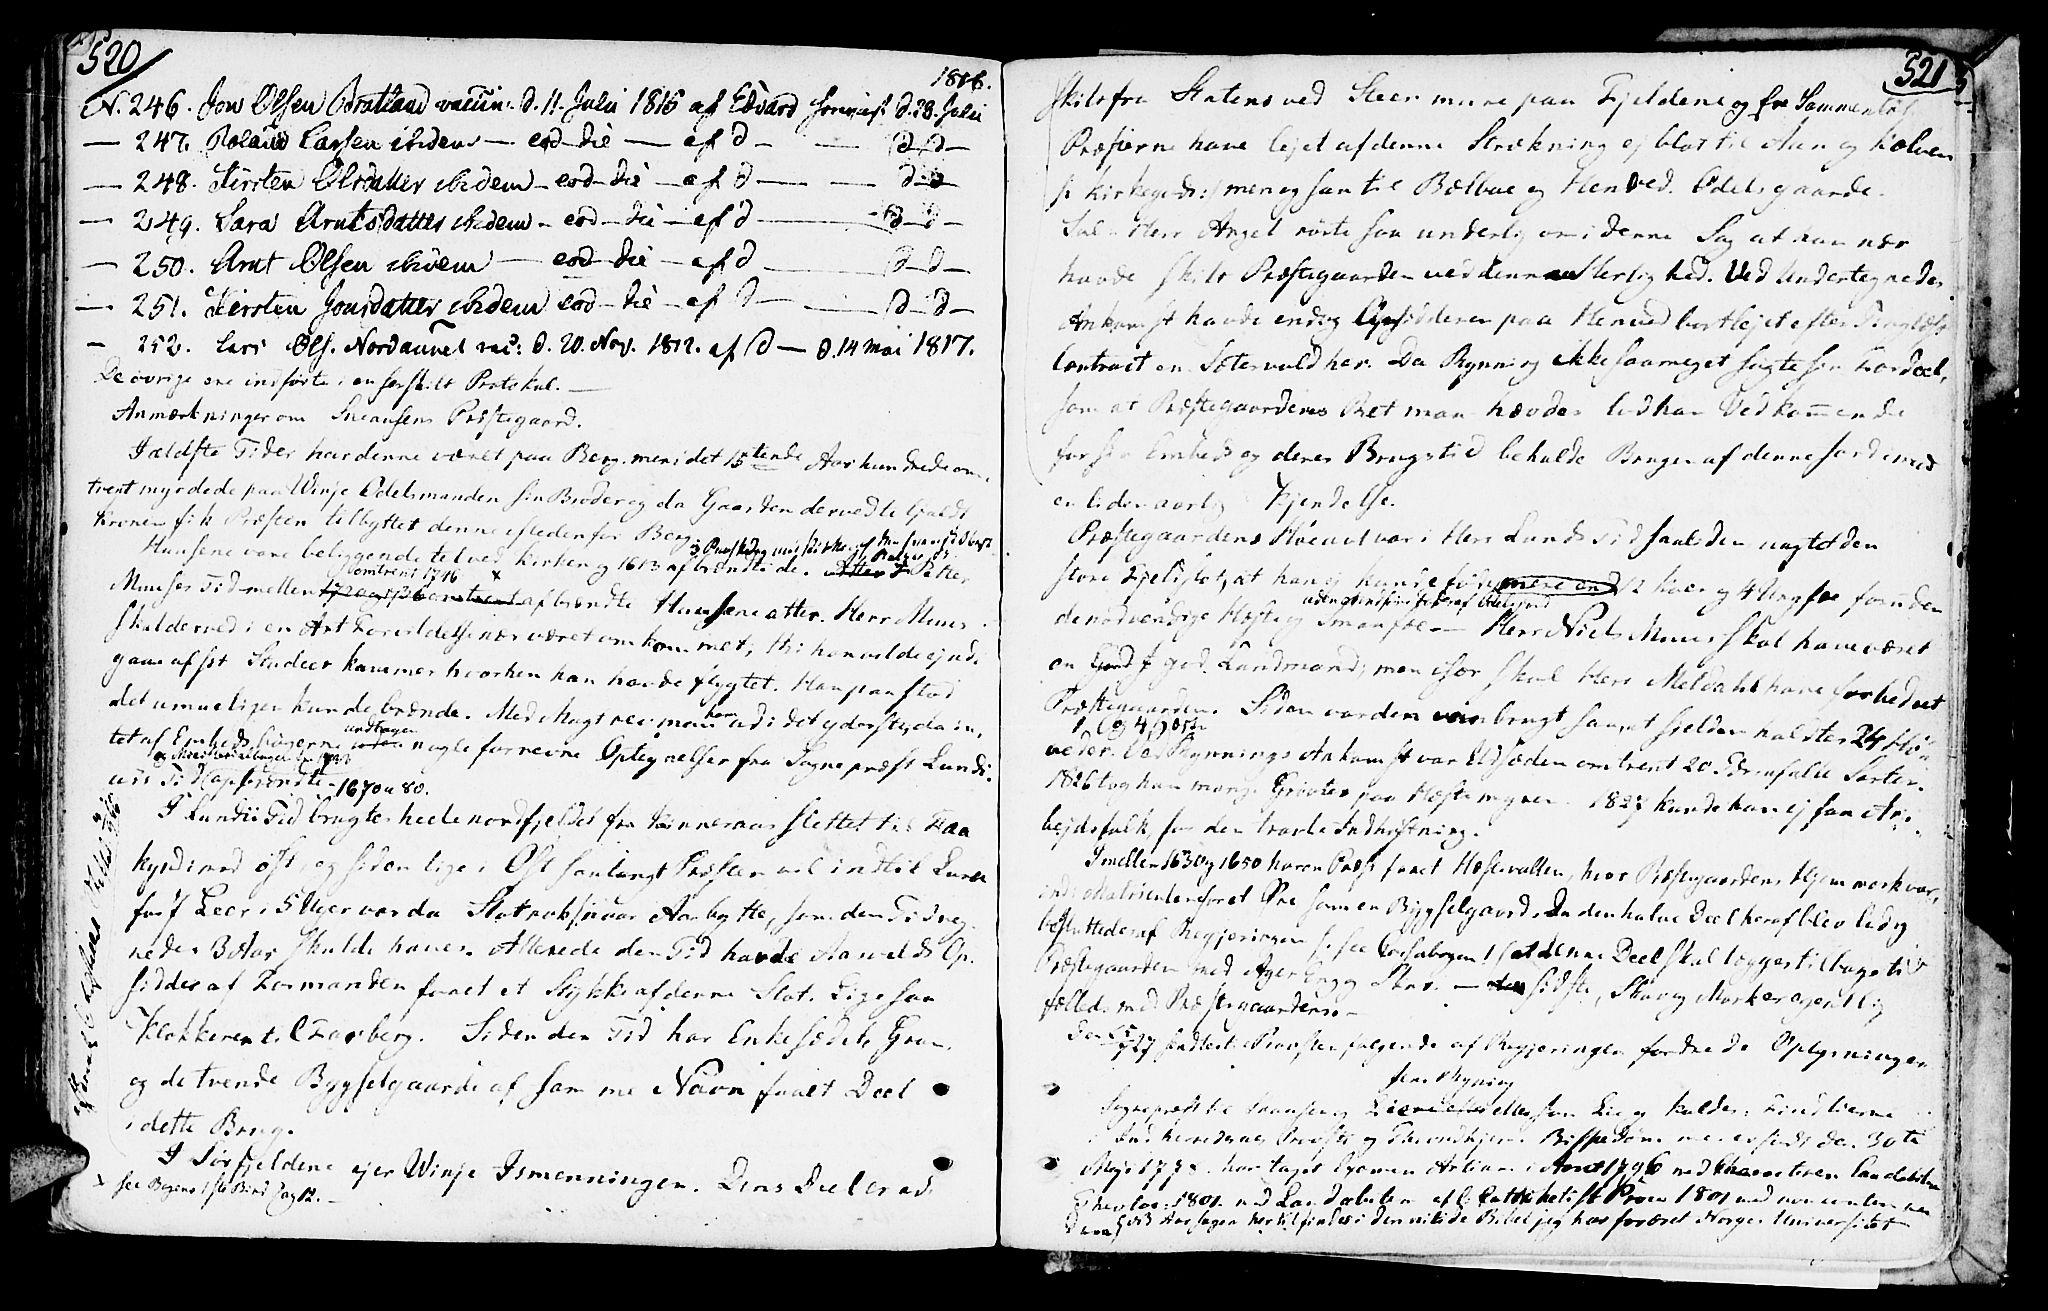 SAT, Ministerialprotokoller, klokkerbøker og fødselsregistre - Nord-Trøndelag, 749/L0468: Ministerialbok nr. 749A02, 1787-1817, s. 520-521